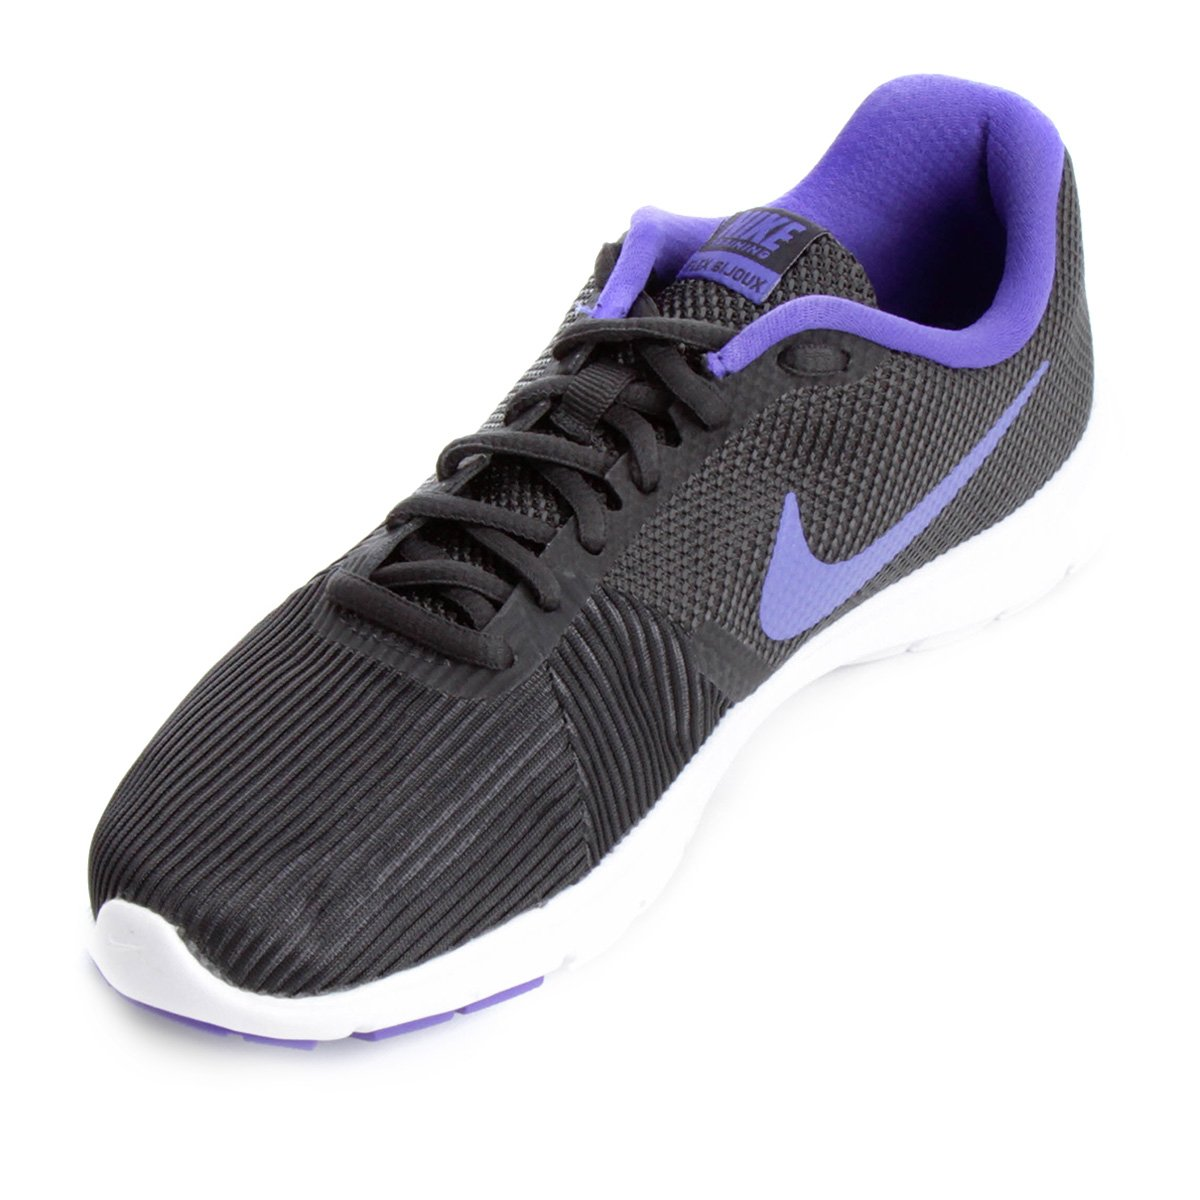 Tênis Nike Flex Bijoux Feminino - Cinza e Violeta - Compre Agora ... 109233e34af5e